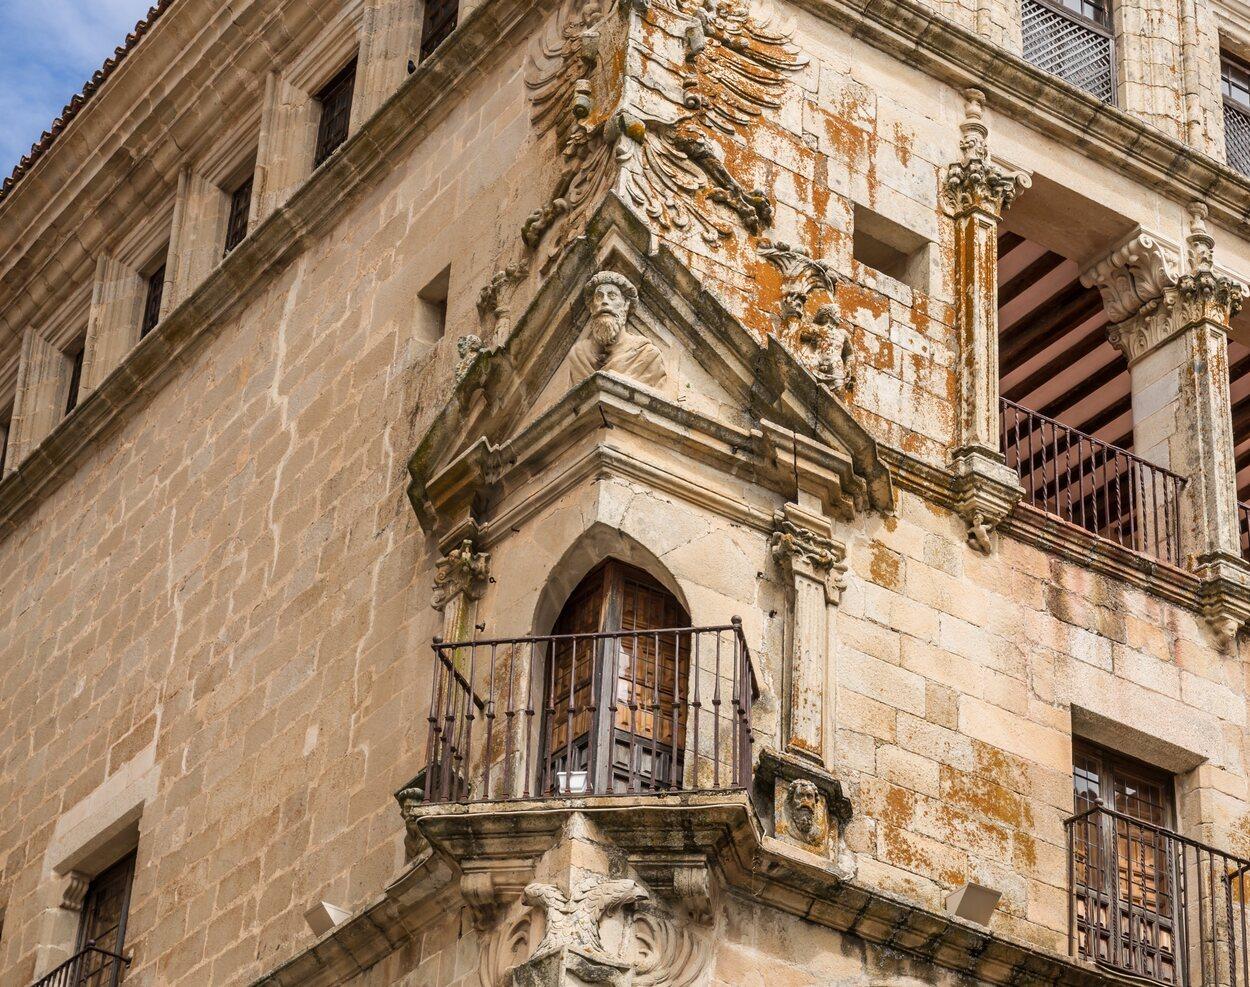 Fachada del Palacio de la Conquista con su característico balcón